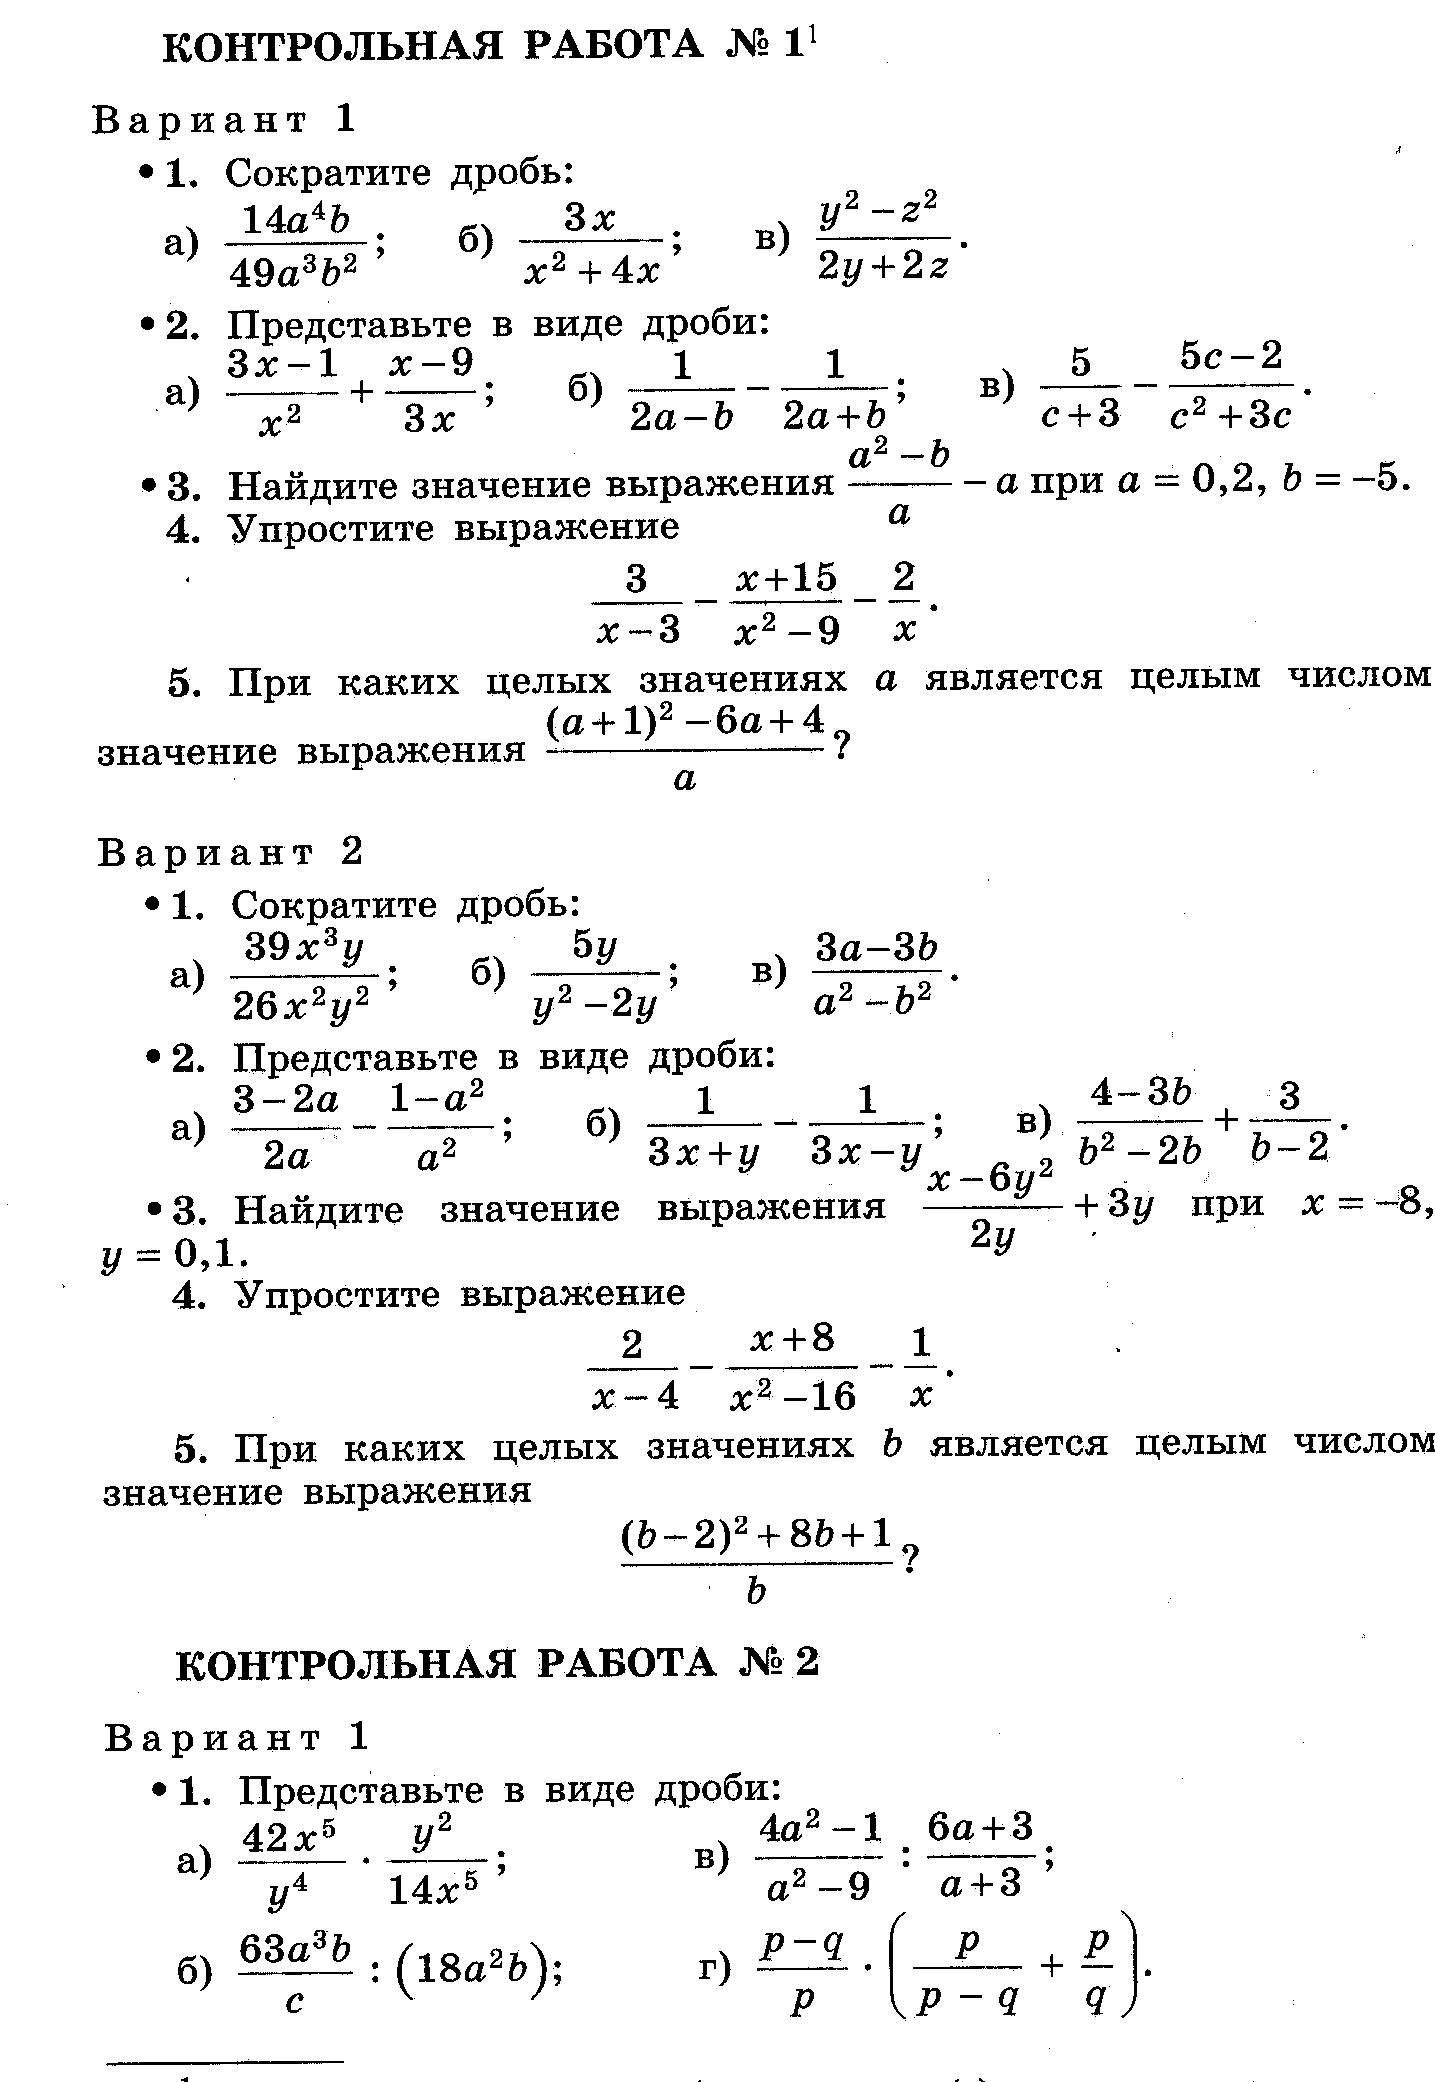 Готовые решения к контрольной по алгебре 8 класс за 1 полугодие